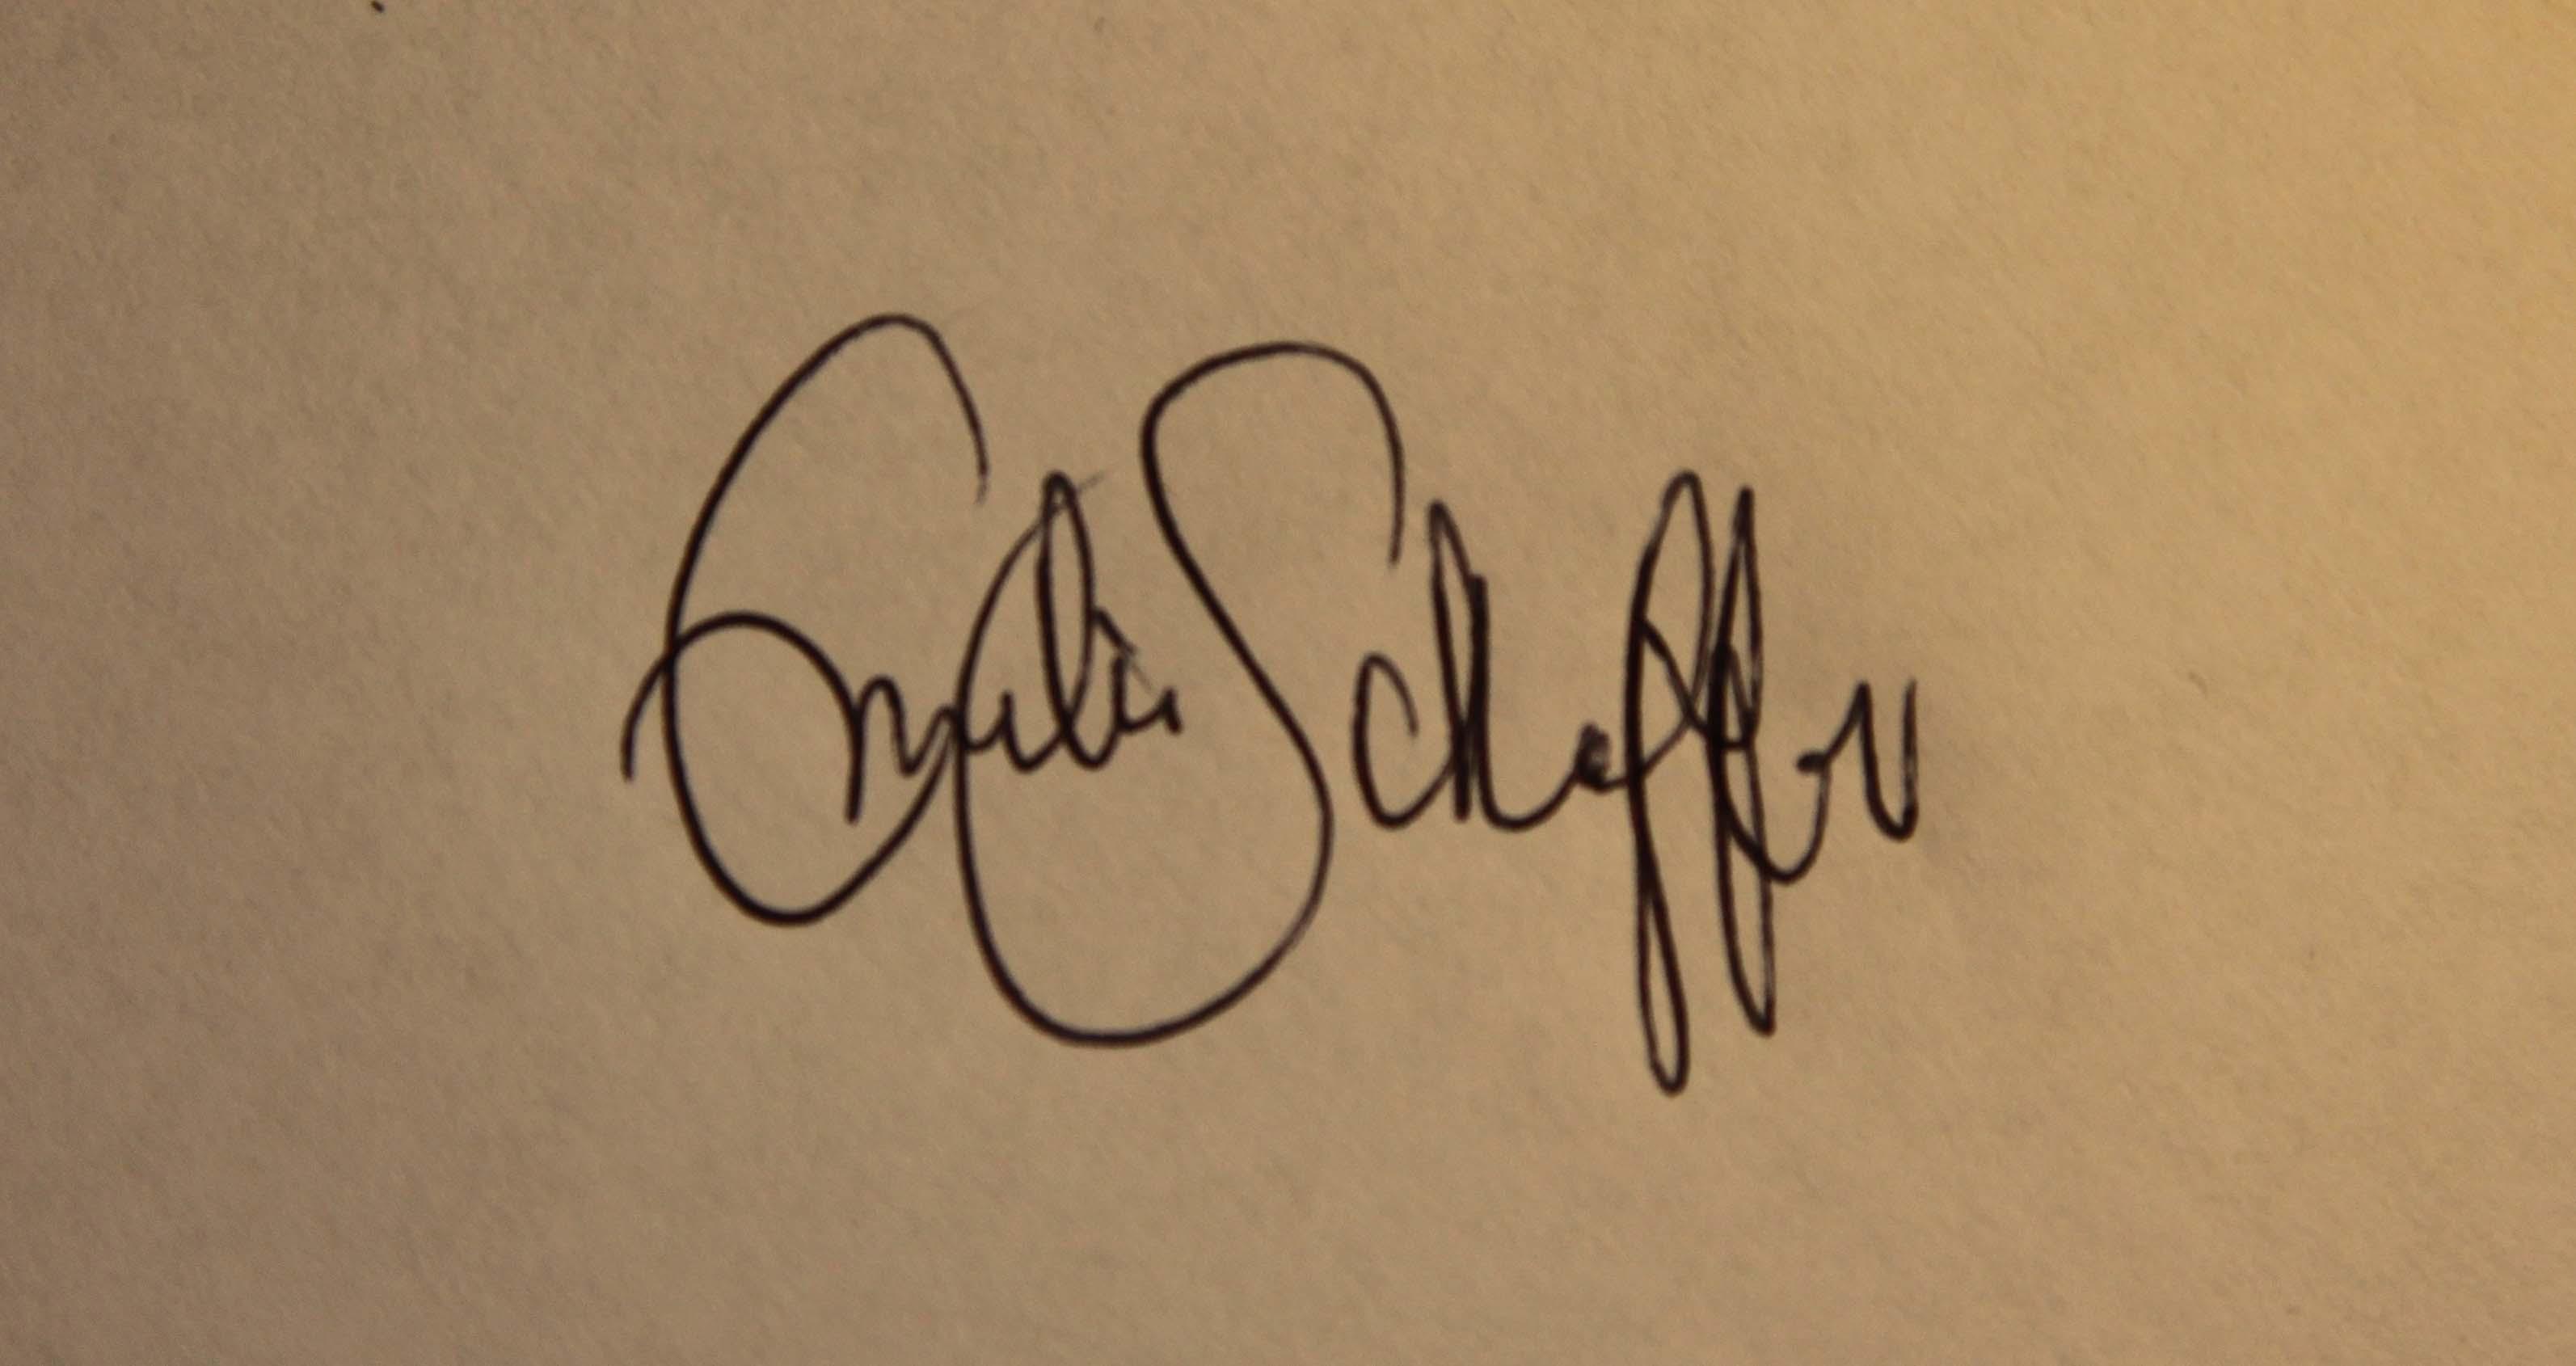 Emilia Heiskanen Signature